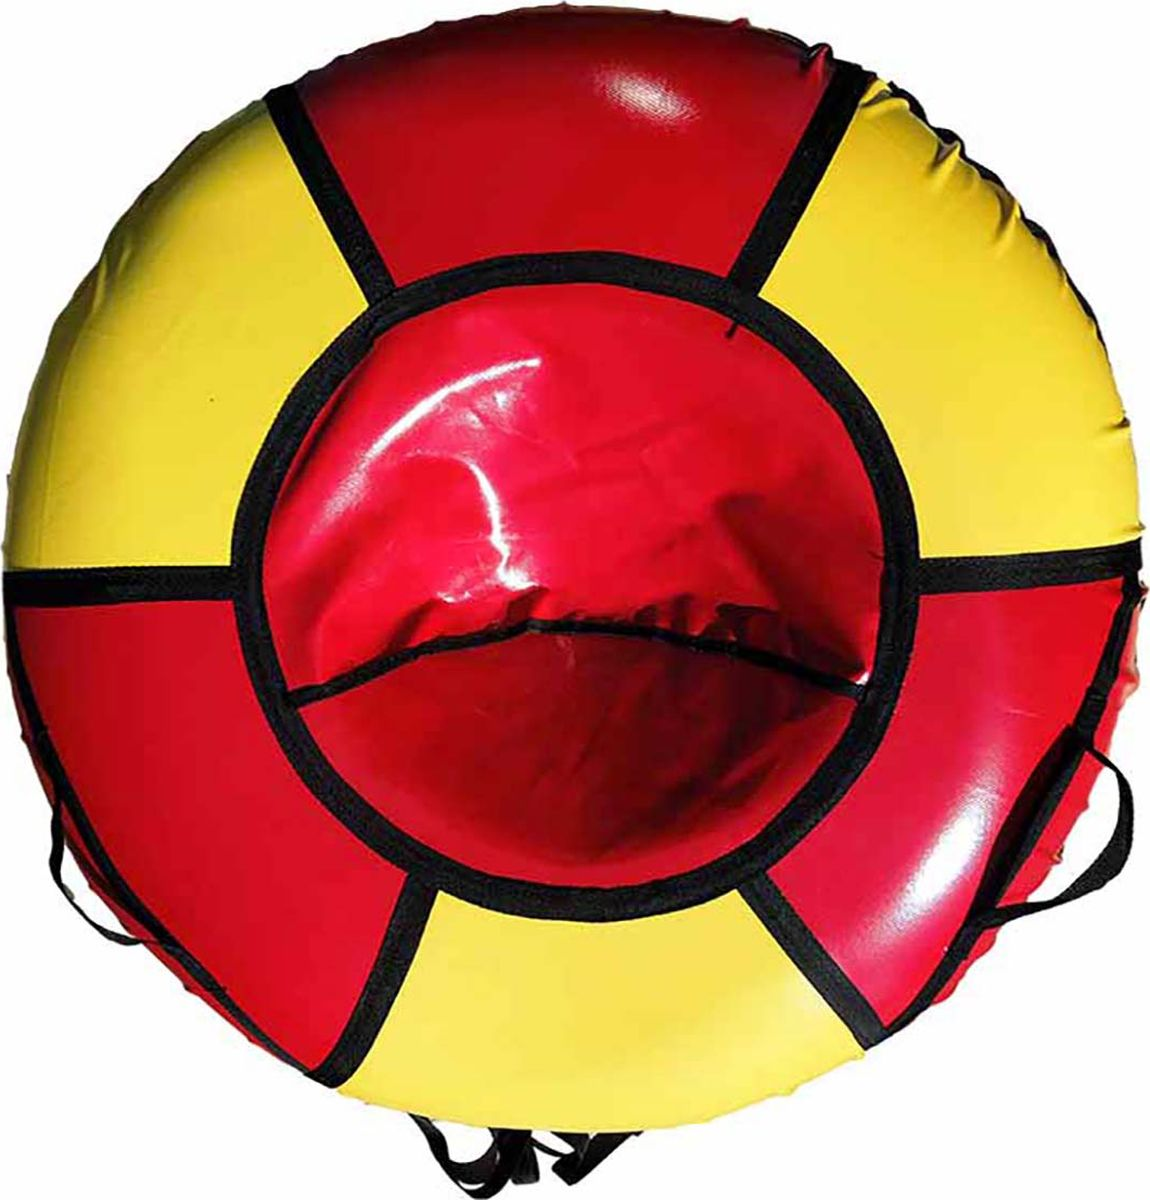 Тюбинг Эх, Прокачу! Профи-6, цвет: красный, желтый, 115 смСП115-6-1Качественные бюджетные санки-ватрушки для катания по снегу из 6 секций * размеры указаны в надутом состоянии * дно изготовлено из ткани ПВХ 630г/м2 * верх изготовлен из ткани ПВХ 630гр/м2 * камера российского производства * буксировочный ремень * морозоустойчивость -45 * допускается деформация формы санок из-за неравномерности надутия камеры